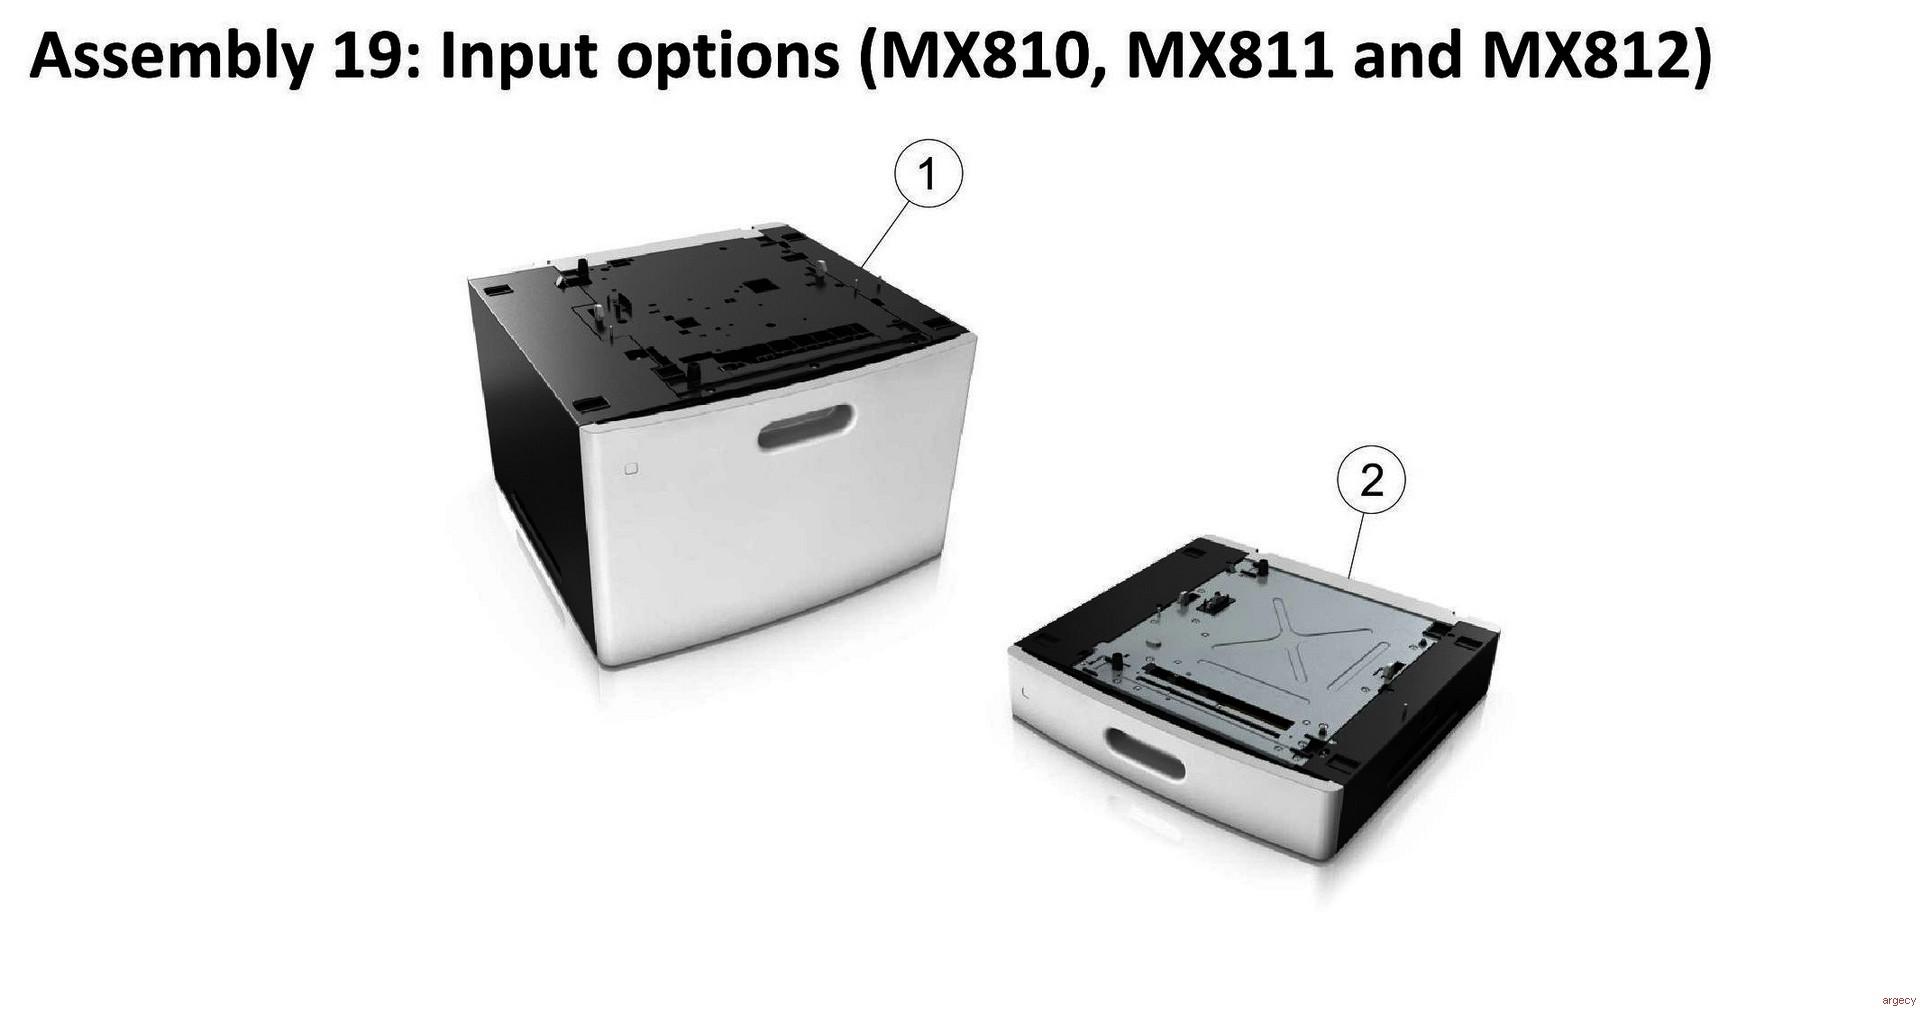 https://www.argecy.com/images/MX81x_MX71x-Parts-725_cr.jpg